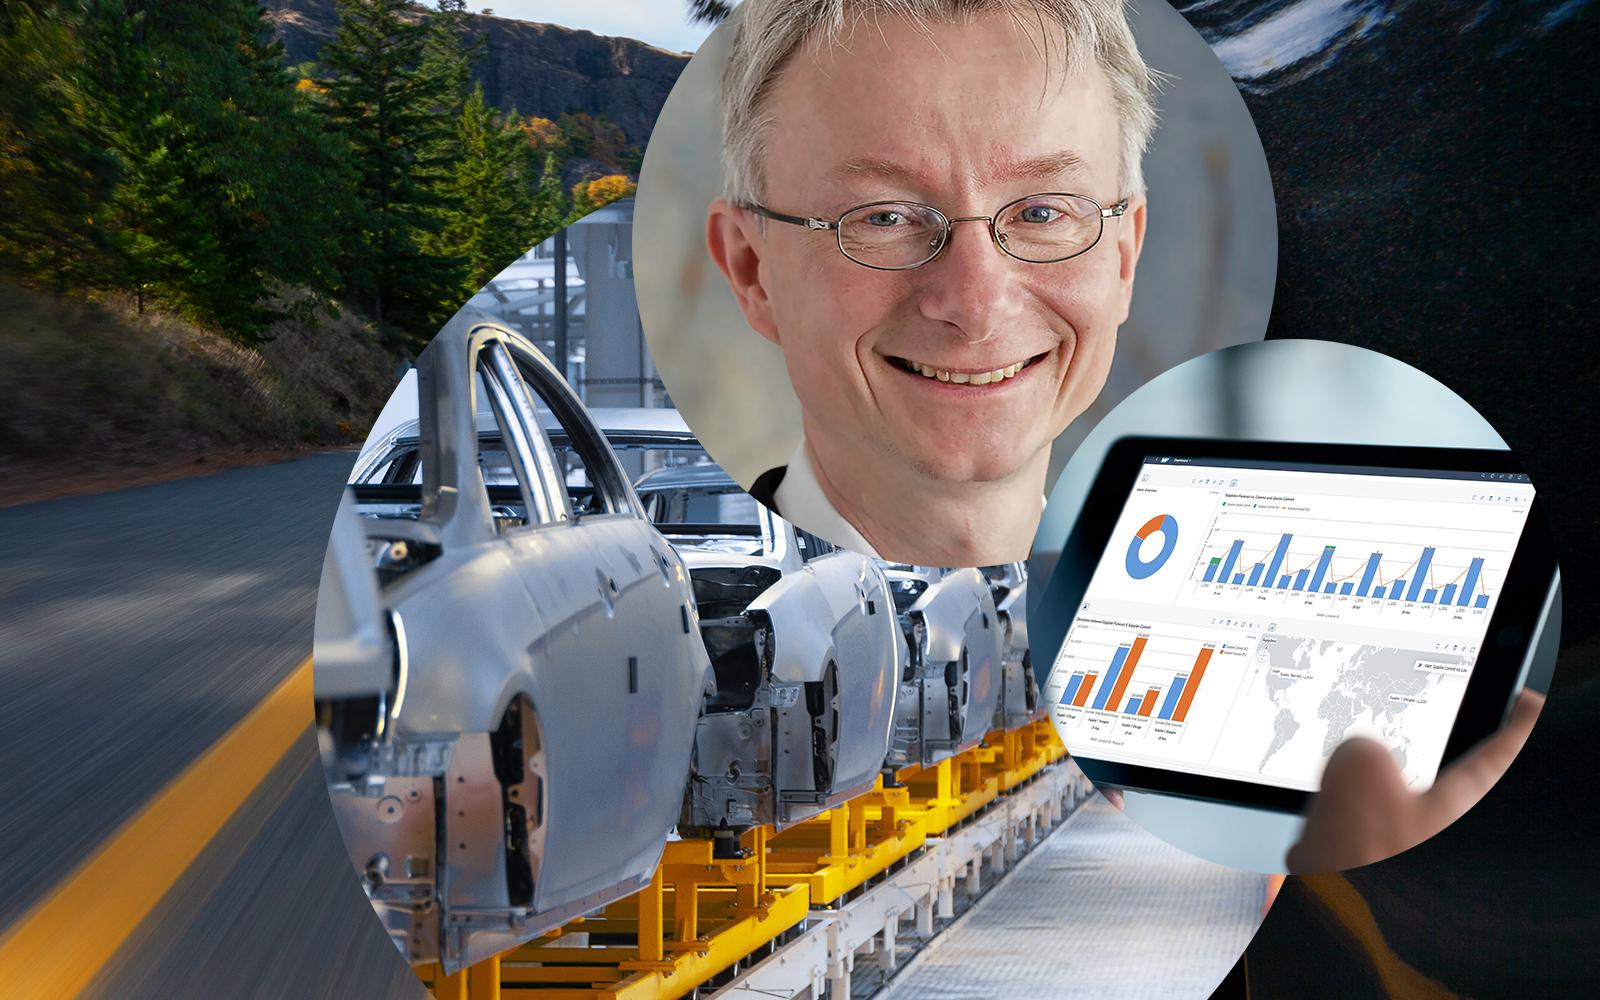 Bild von Ingo Hoepfner, daneben Bild von einem Tablet auf dem Grafiken und Statistiken zu sehen sind und dahinter Bilder von Autoteilen in einem Lager und von einer Straße, TISAX Zertifizierung für valantic